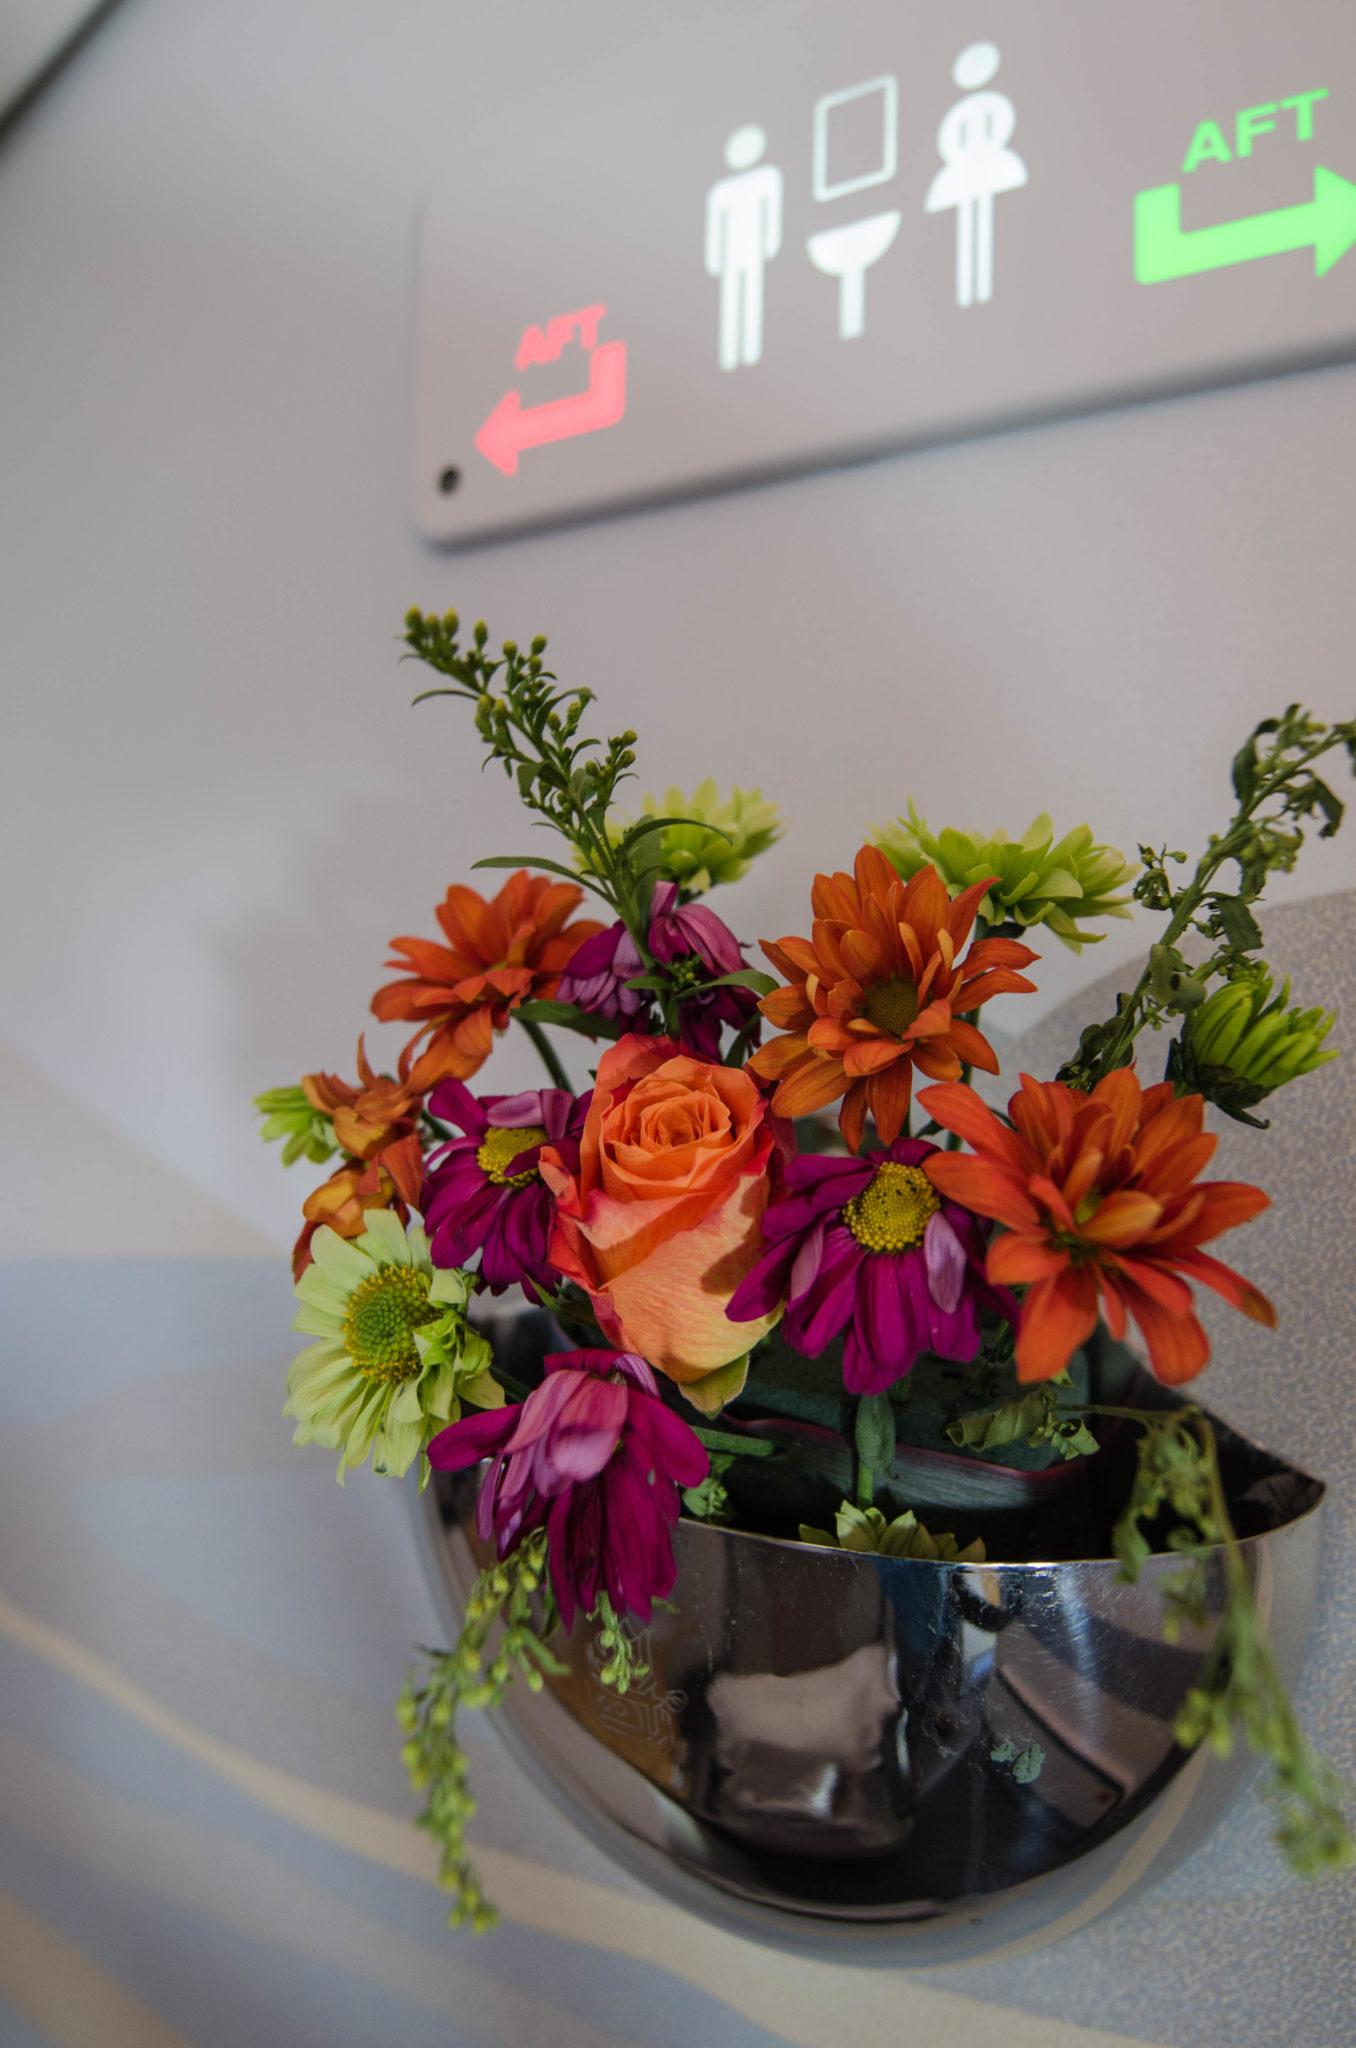 Emirates Business Class A380: Die Gänge sind mit hübschen Blumen geschmückt